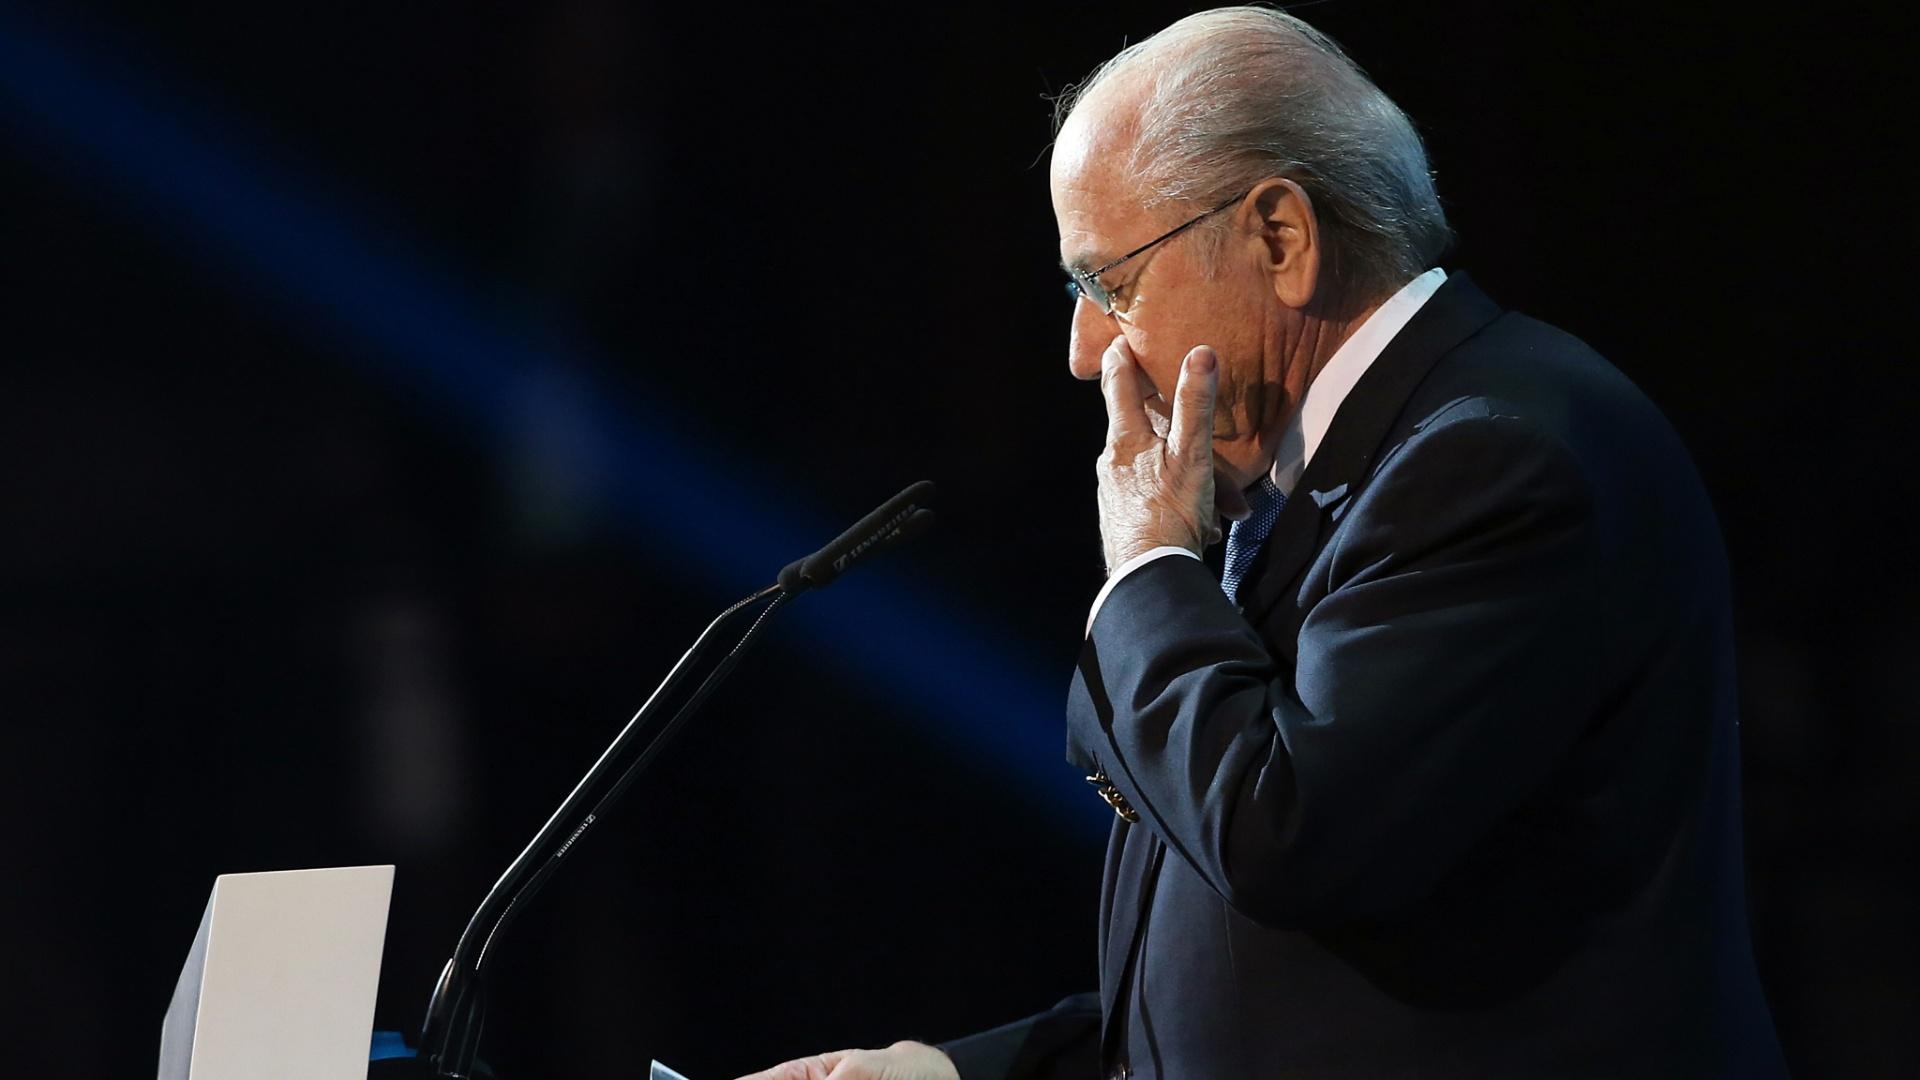 01.dez.2012 - Joseph Blatter, presidente da Fifa, abre os trabalhos na cerimônia de sorteio dos grupos da Copa das Confederações de 2013, que acontece em São Paulo, no Anhembi.